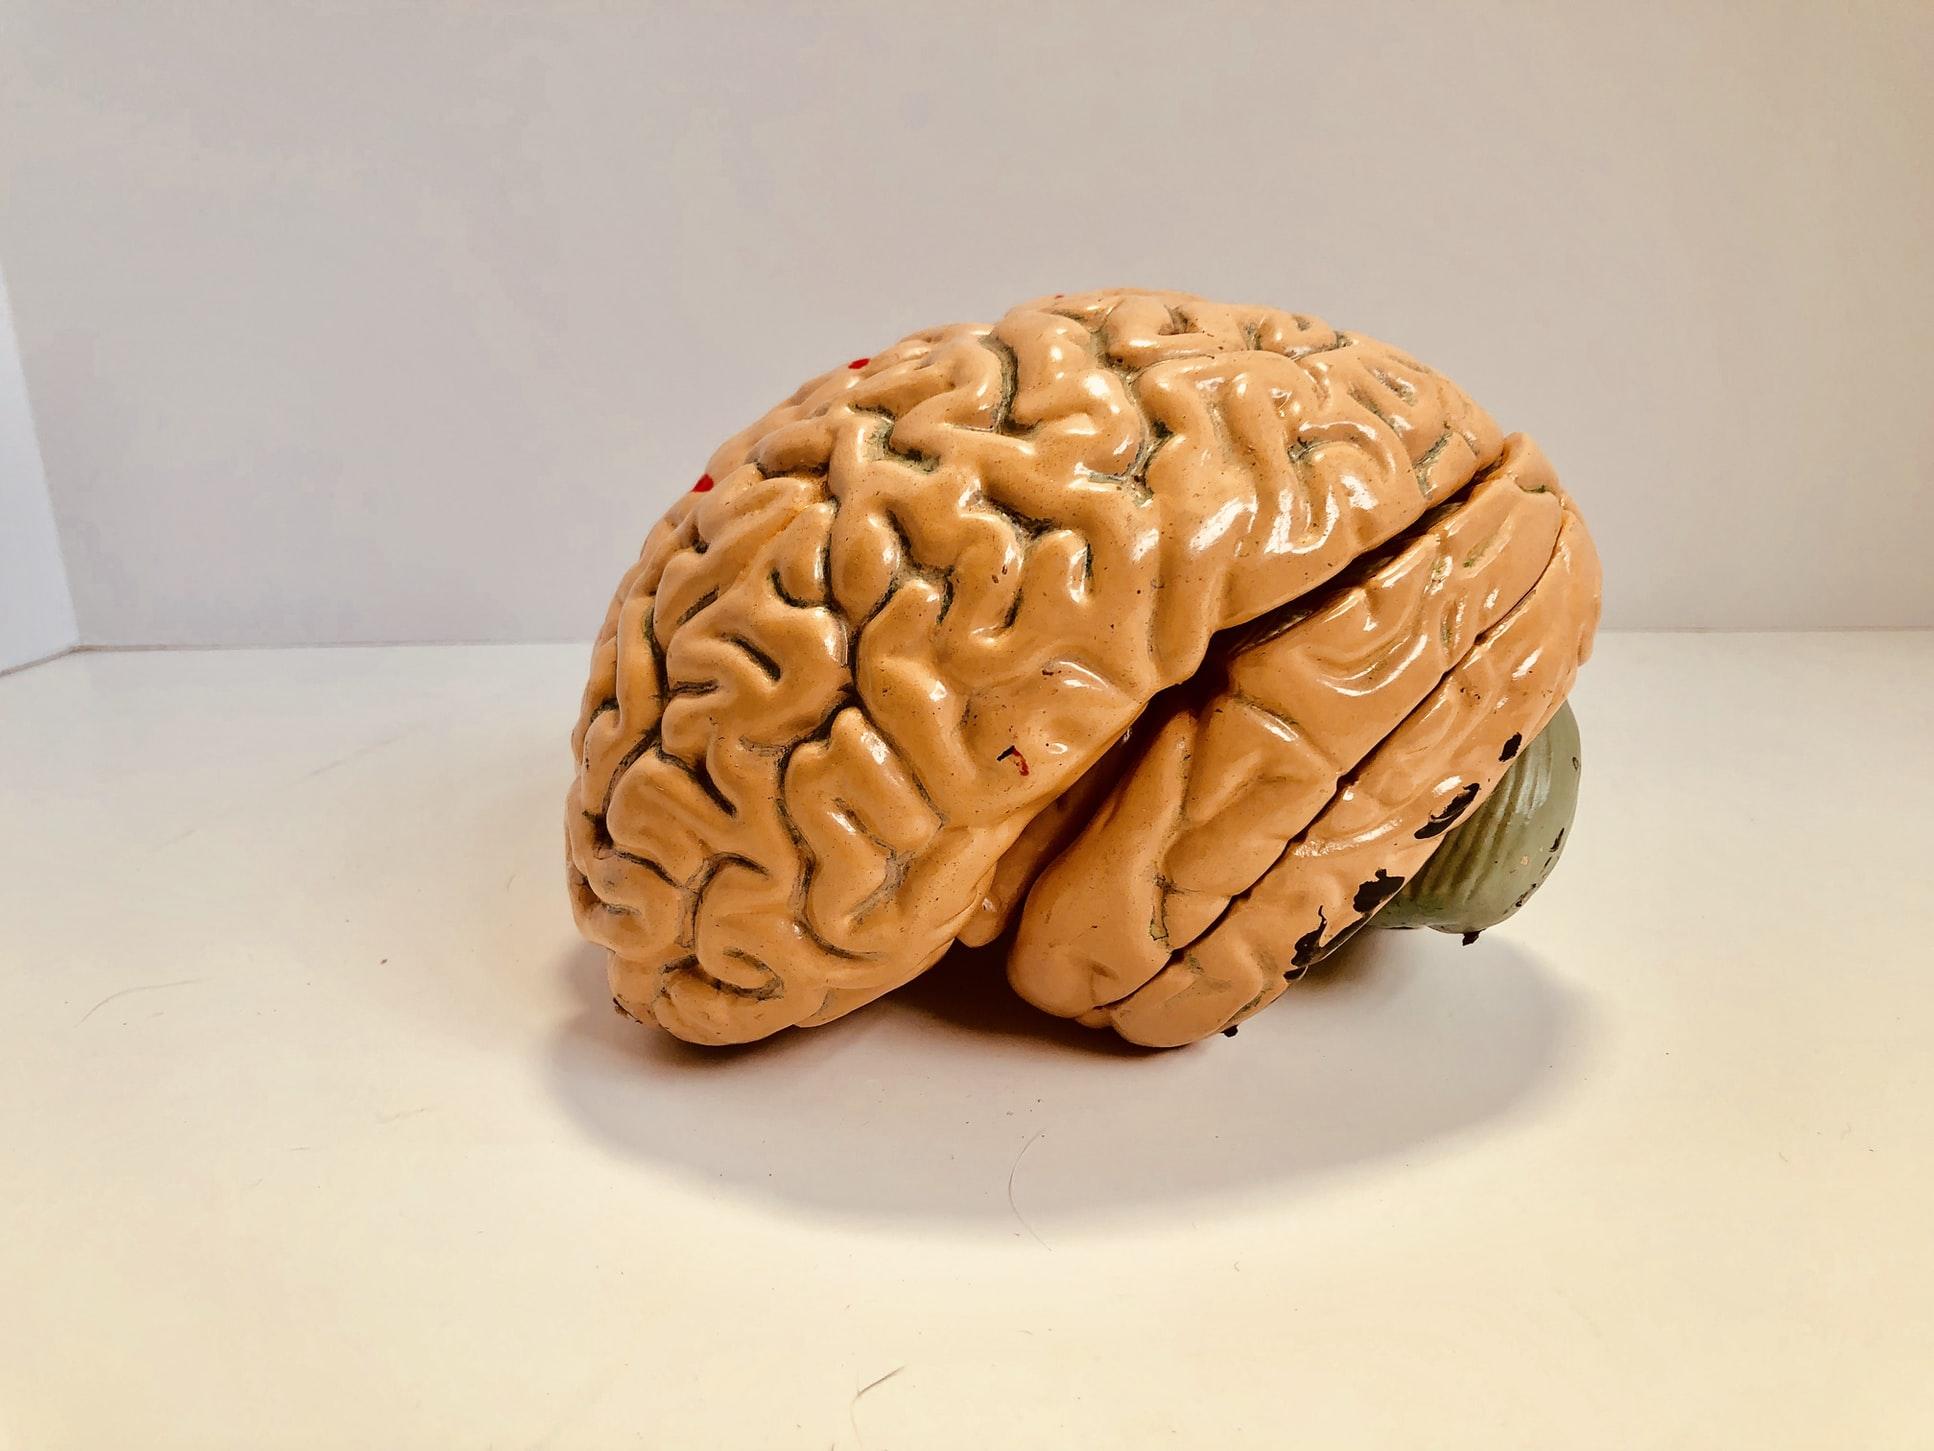 Même si votre cerveau est préoccupé par le négatif